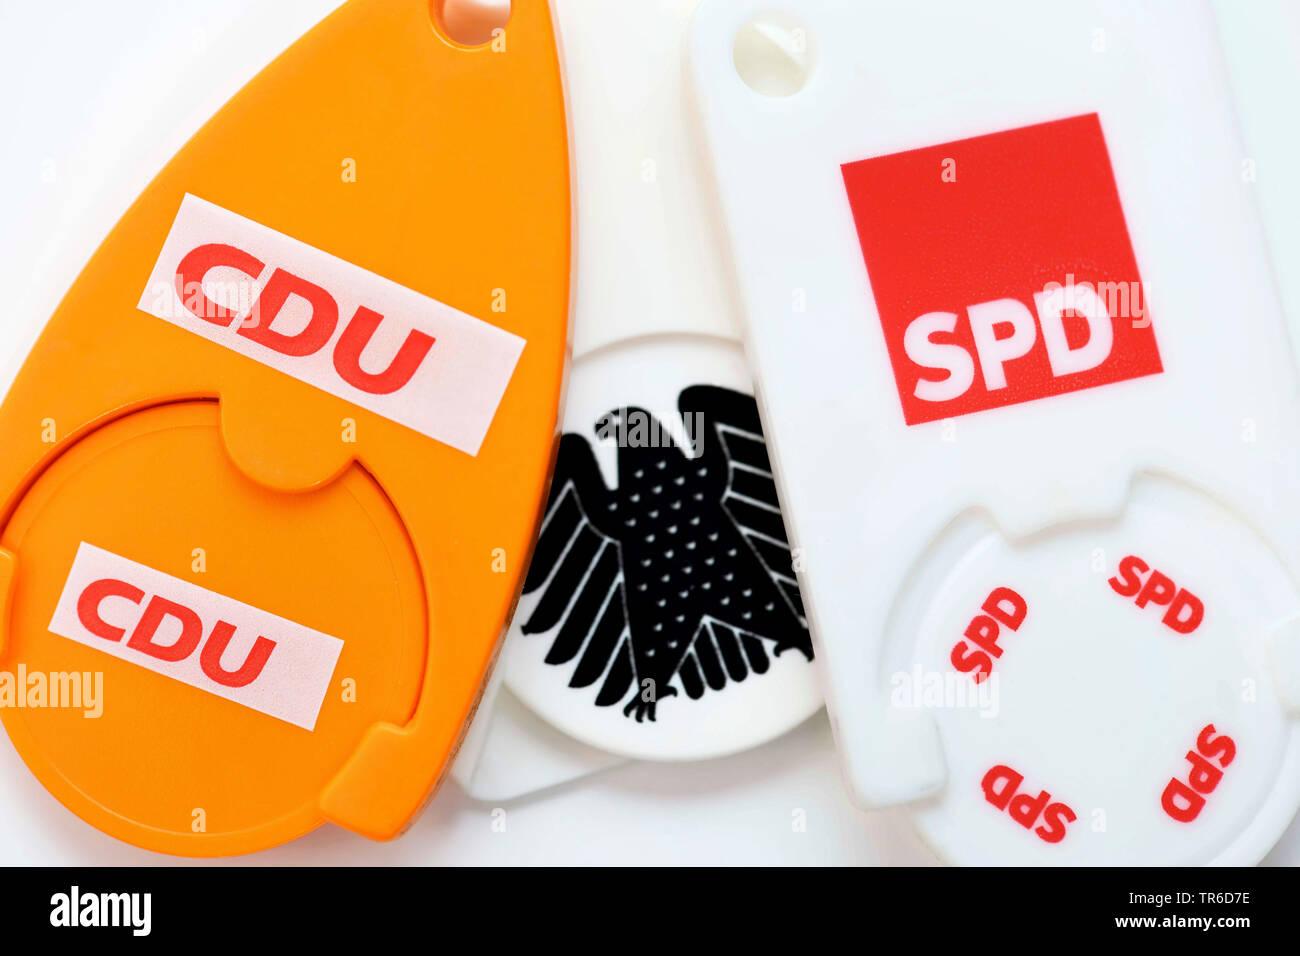 Einkaufschips mit den Logos von CDU und SPD mit Bundesadler, Symbolfoto fuer die Grosse Koalition, Deutschland | chips with the logos of the parties C - Stock Image